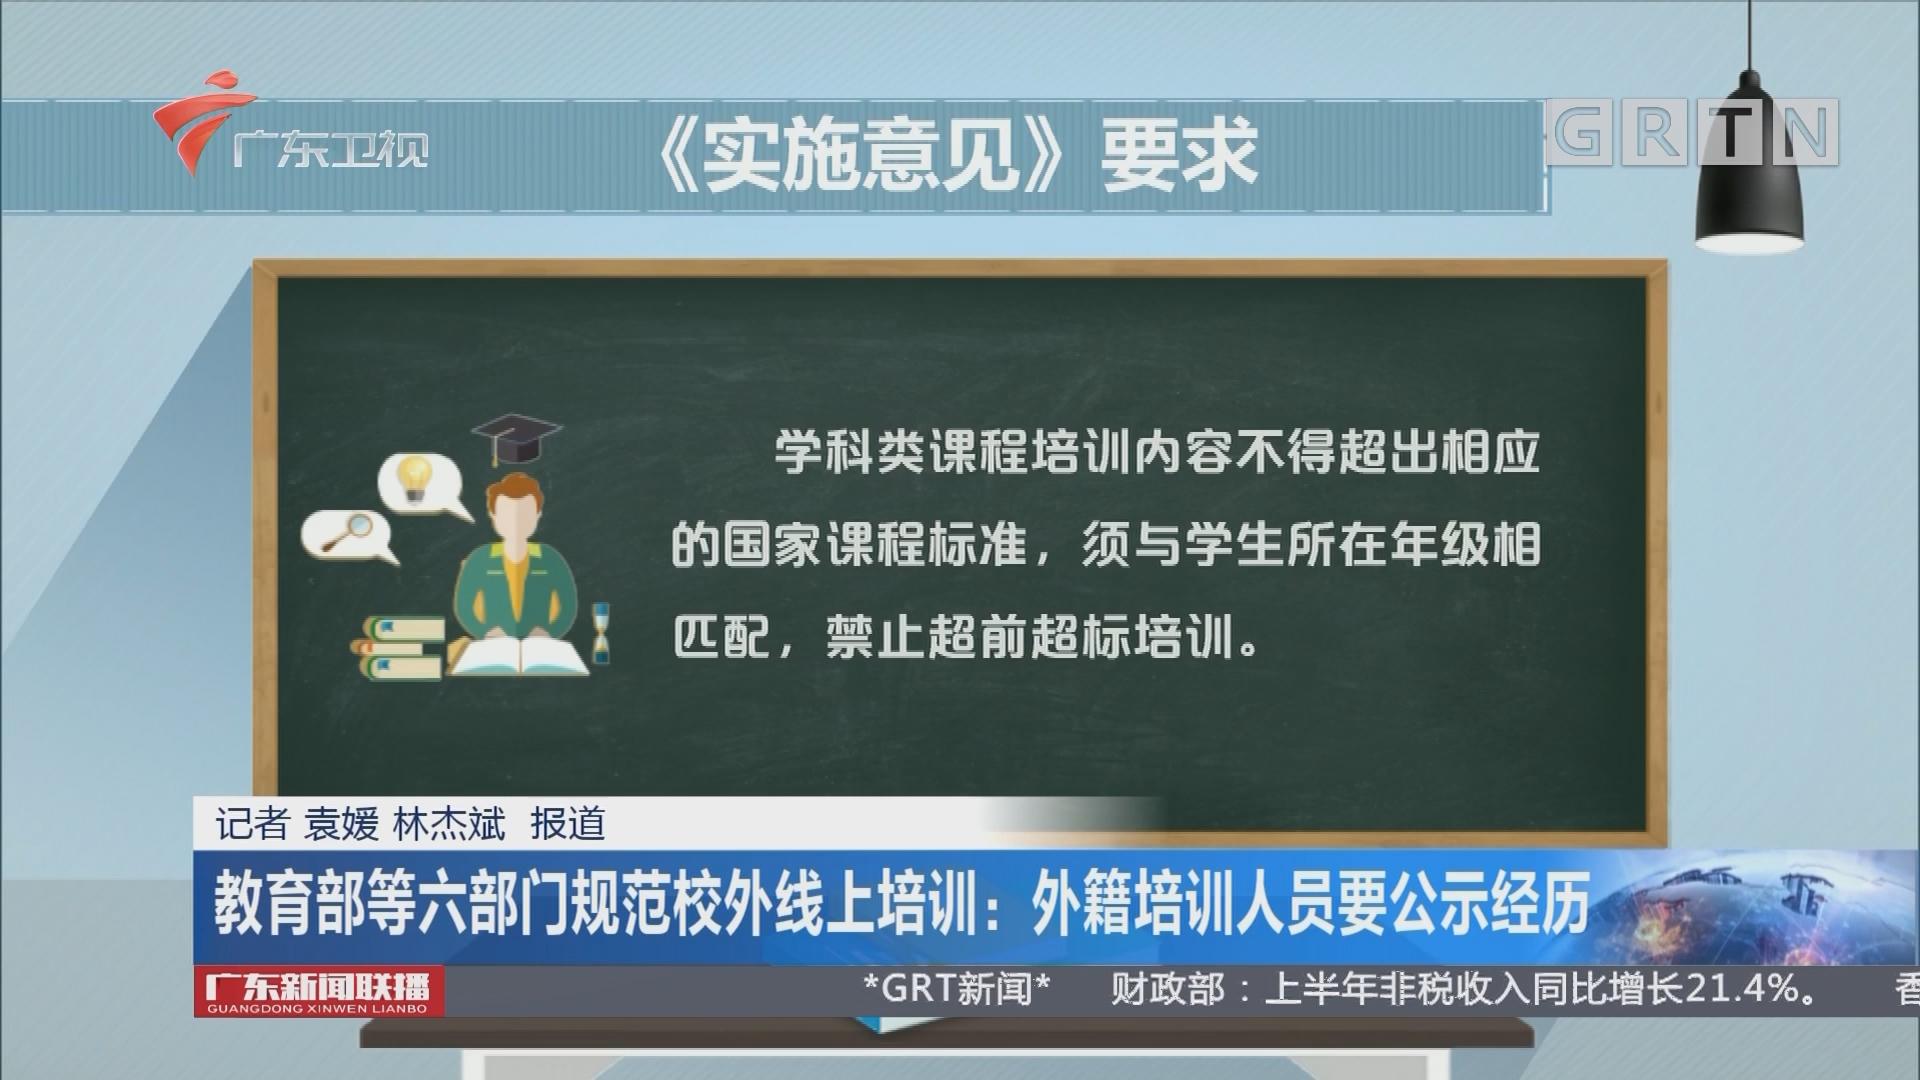 教育部等六部门规范校外线上培训:外籍培训人员要公示经历